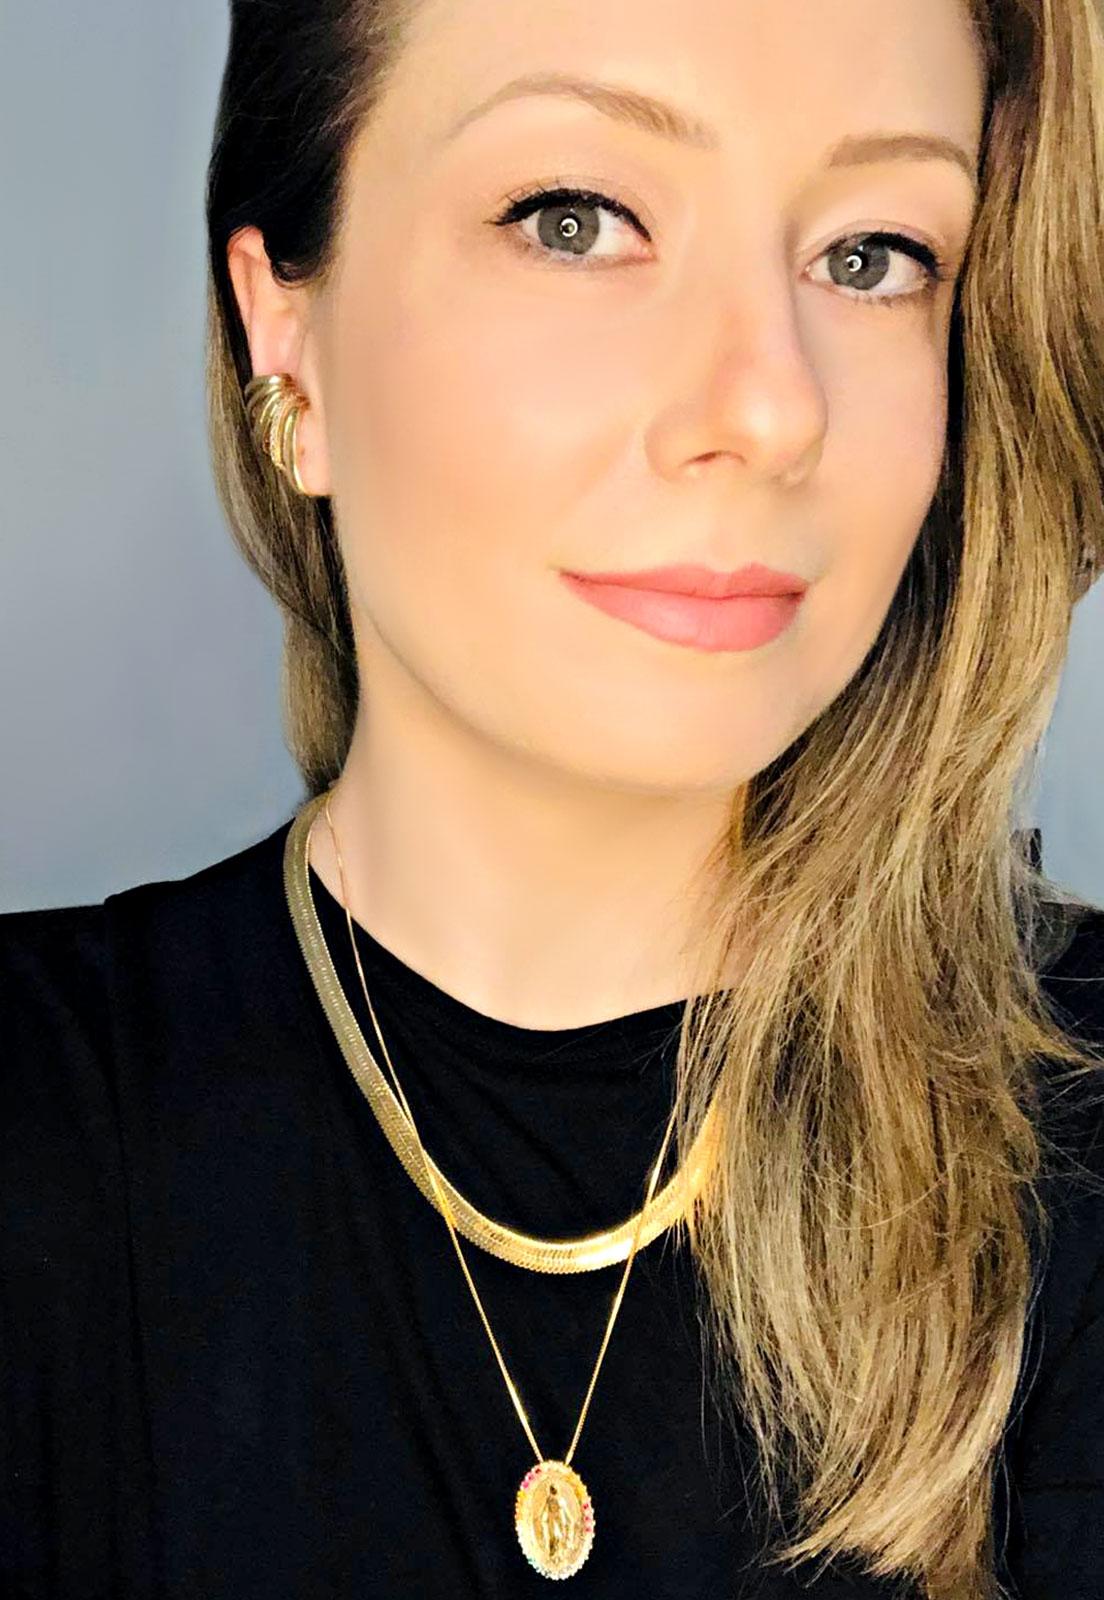 BRINCO EAR CUFF ENCAIXE COM ZIRCÔNIA BANHADO A OURO